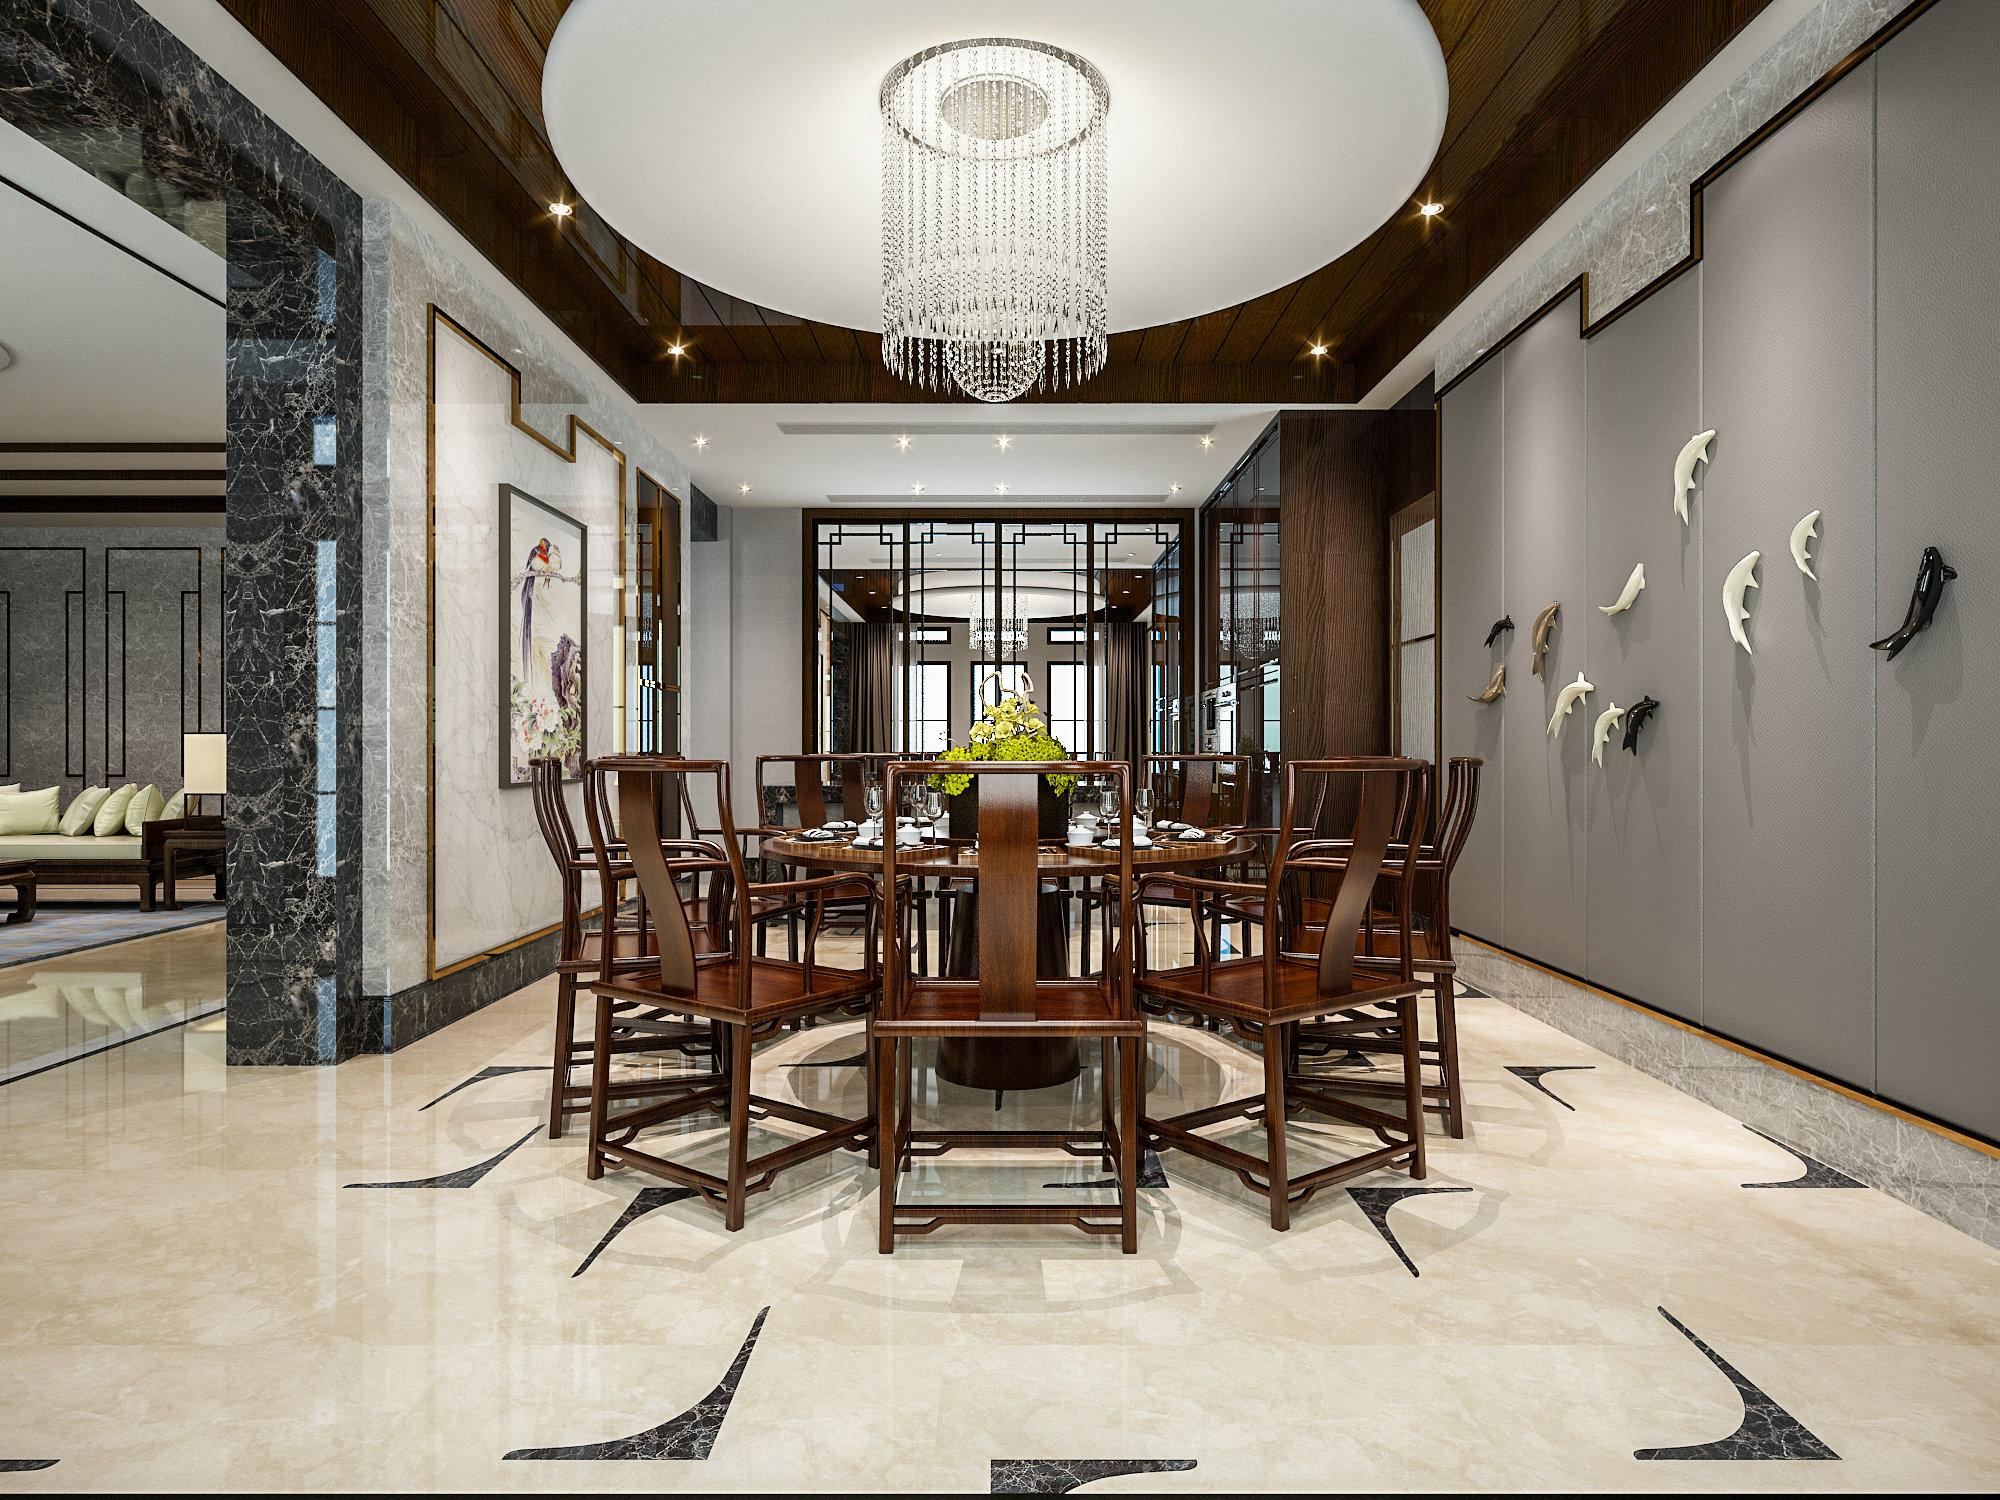 虹桥高尔夫 别墅装修 新中式风格 腾龙设计 餐厅图片来自孔继民在虹桥高尔夫别墅新中式风格设计的分享